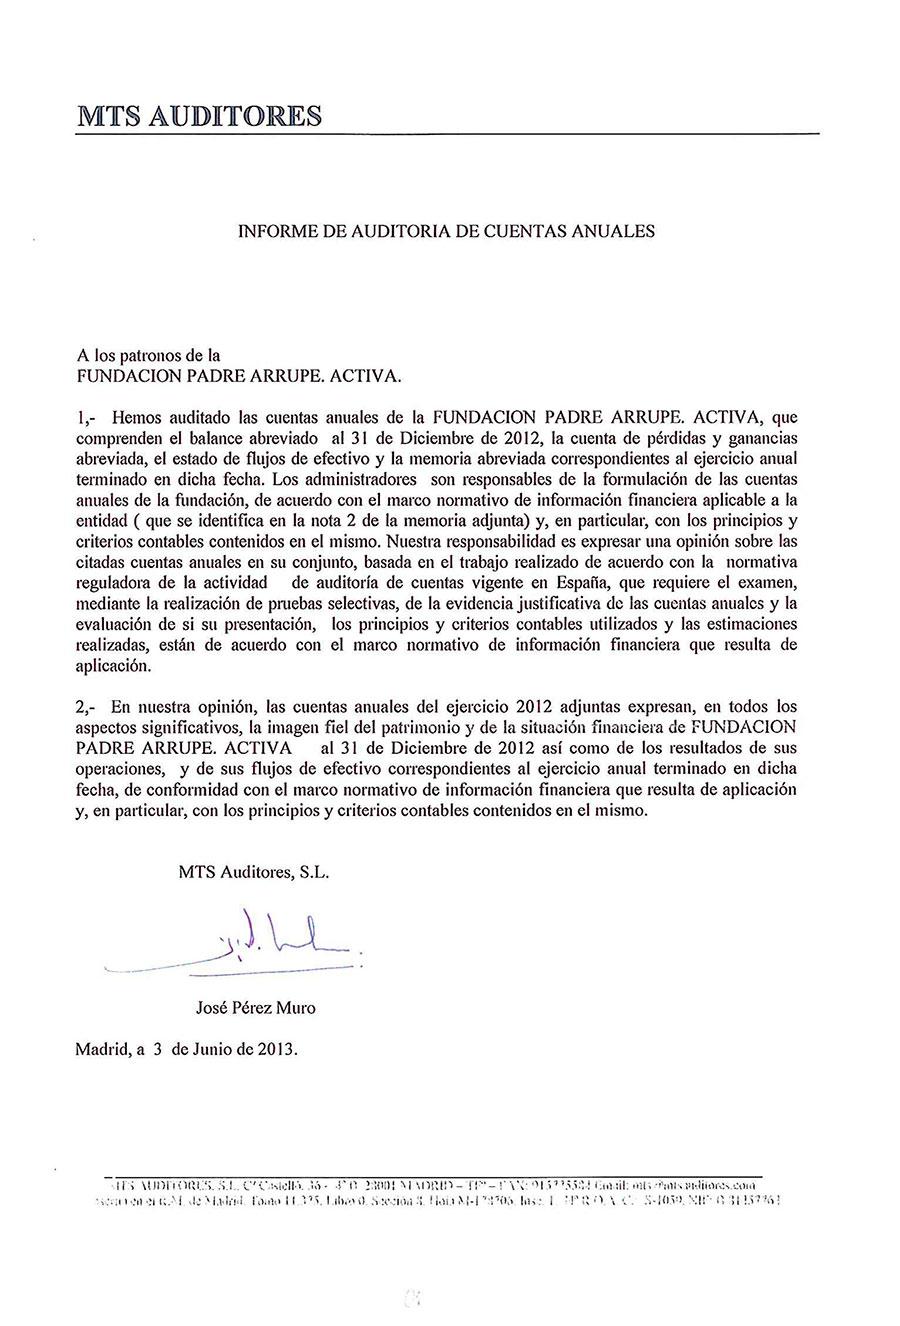 Informe-de-auditoria-2012-2